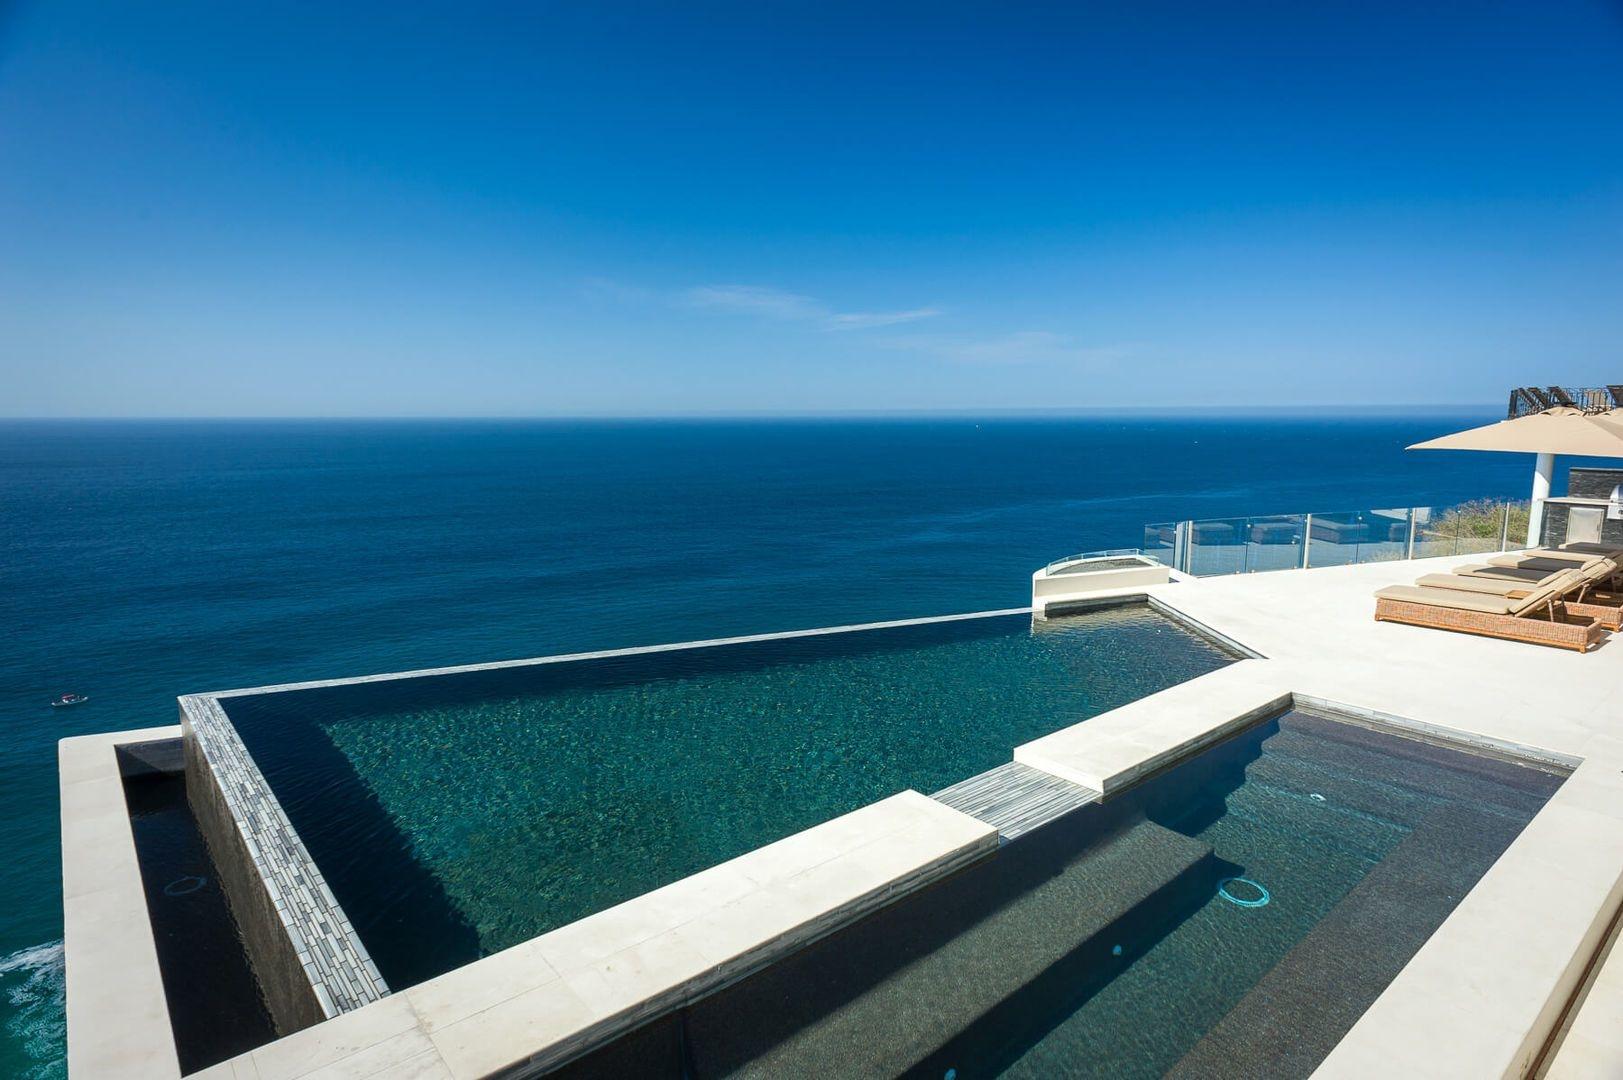 Luxury vacation rentals mexico - Los cabos - Cabo - Pedregal - Villa Lands End - Image 1/23